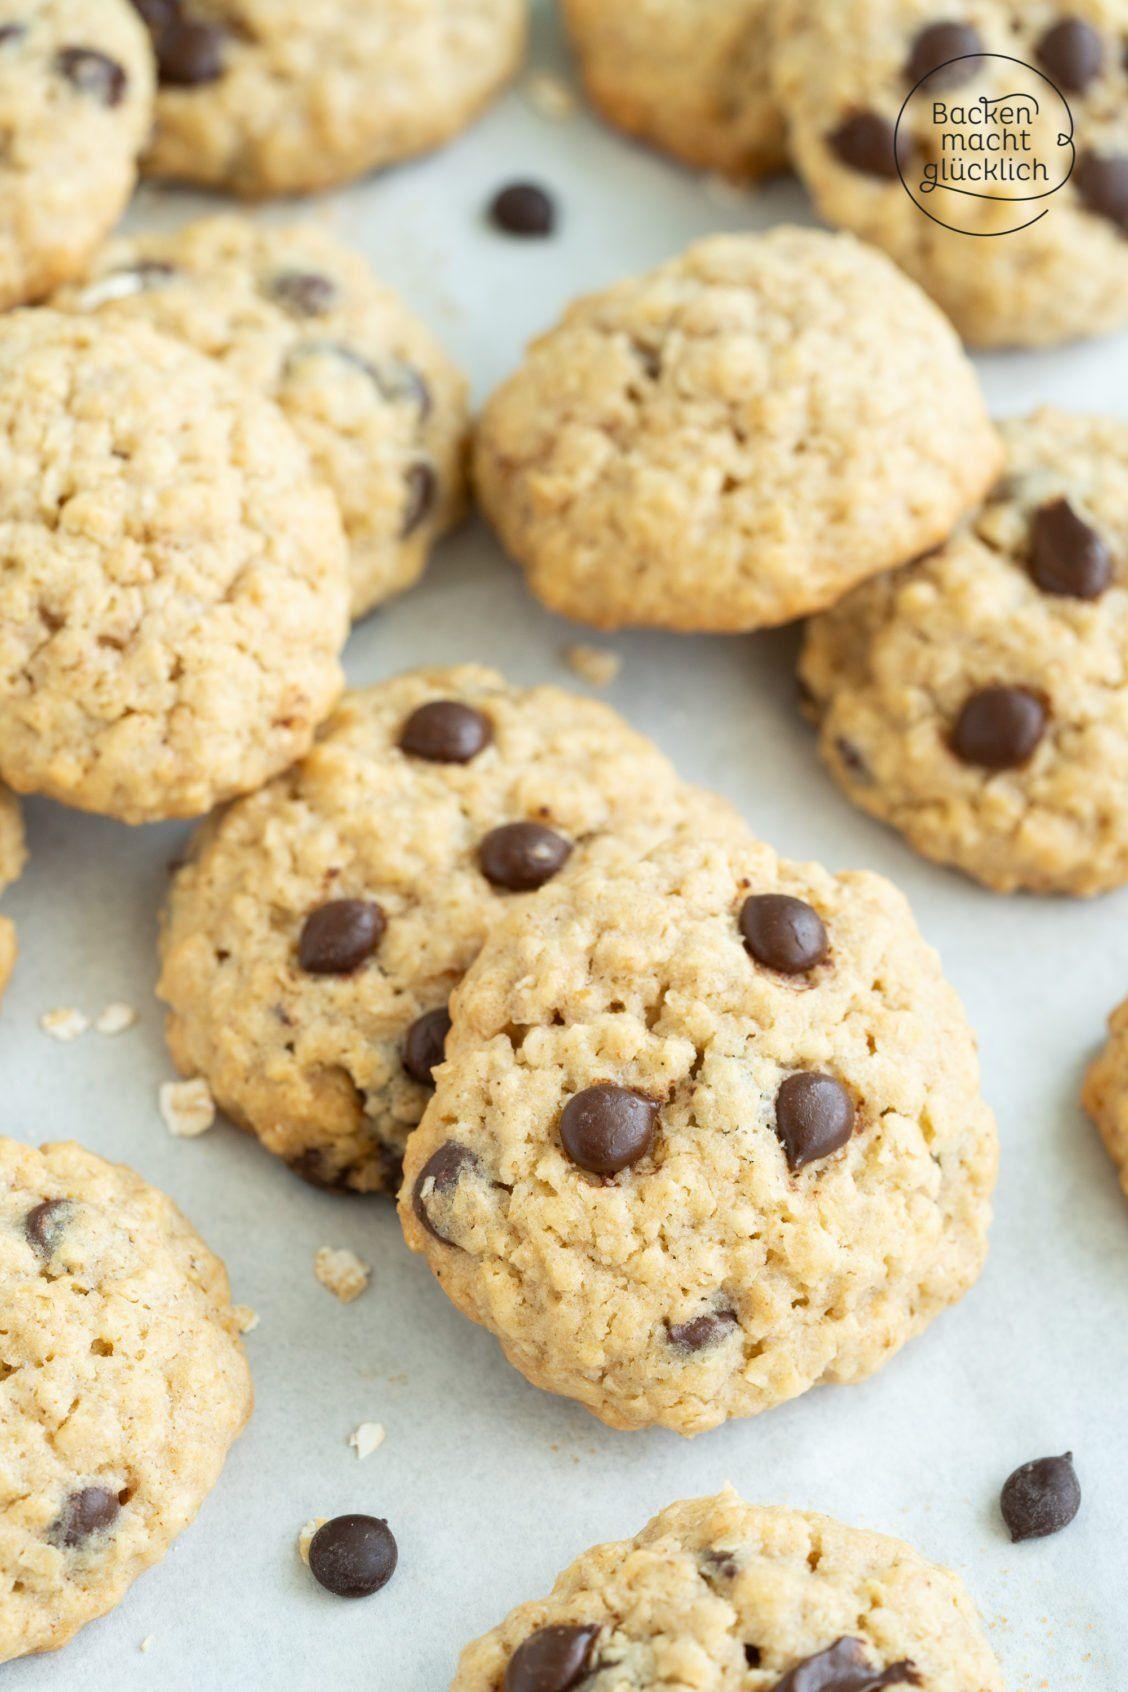 Einfache Haferflocken-Cookies mit Schokolade | Backen macht glücklich